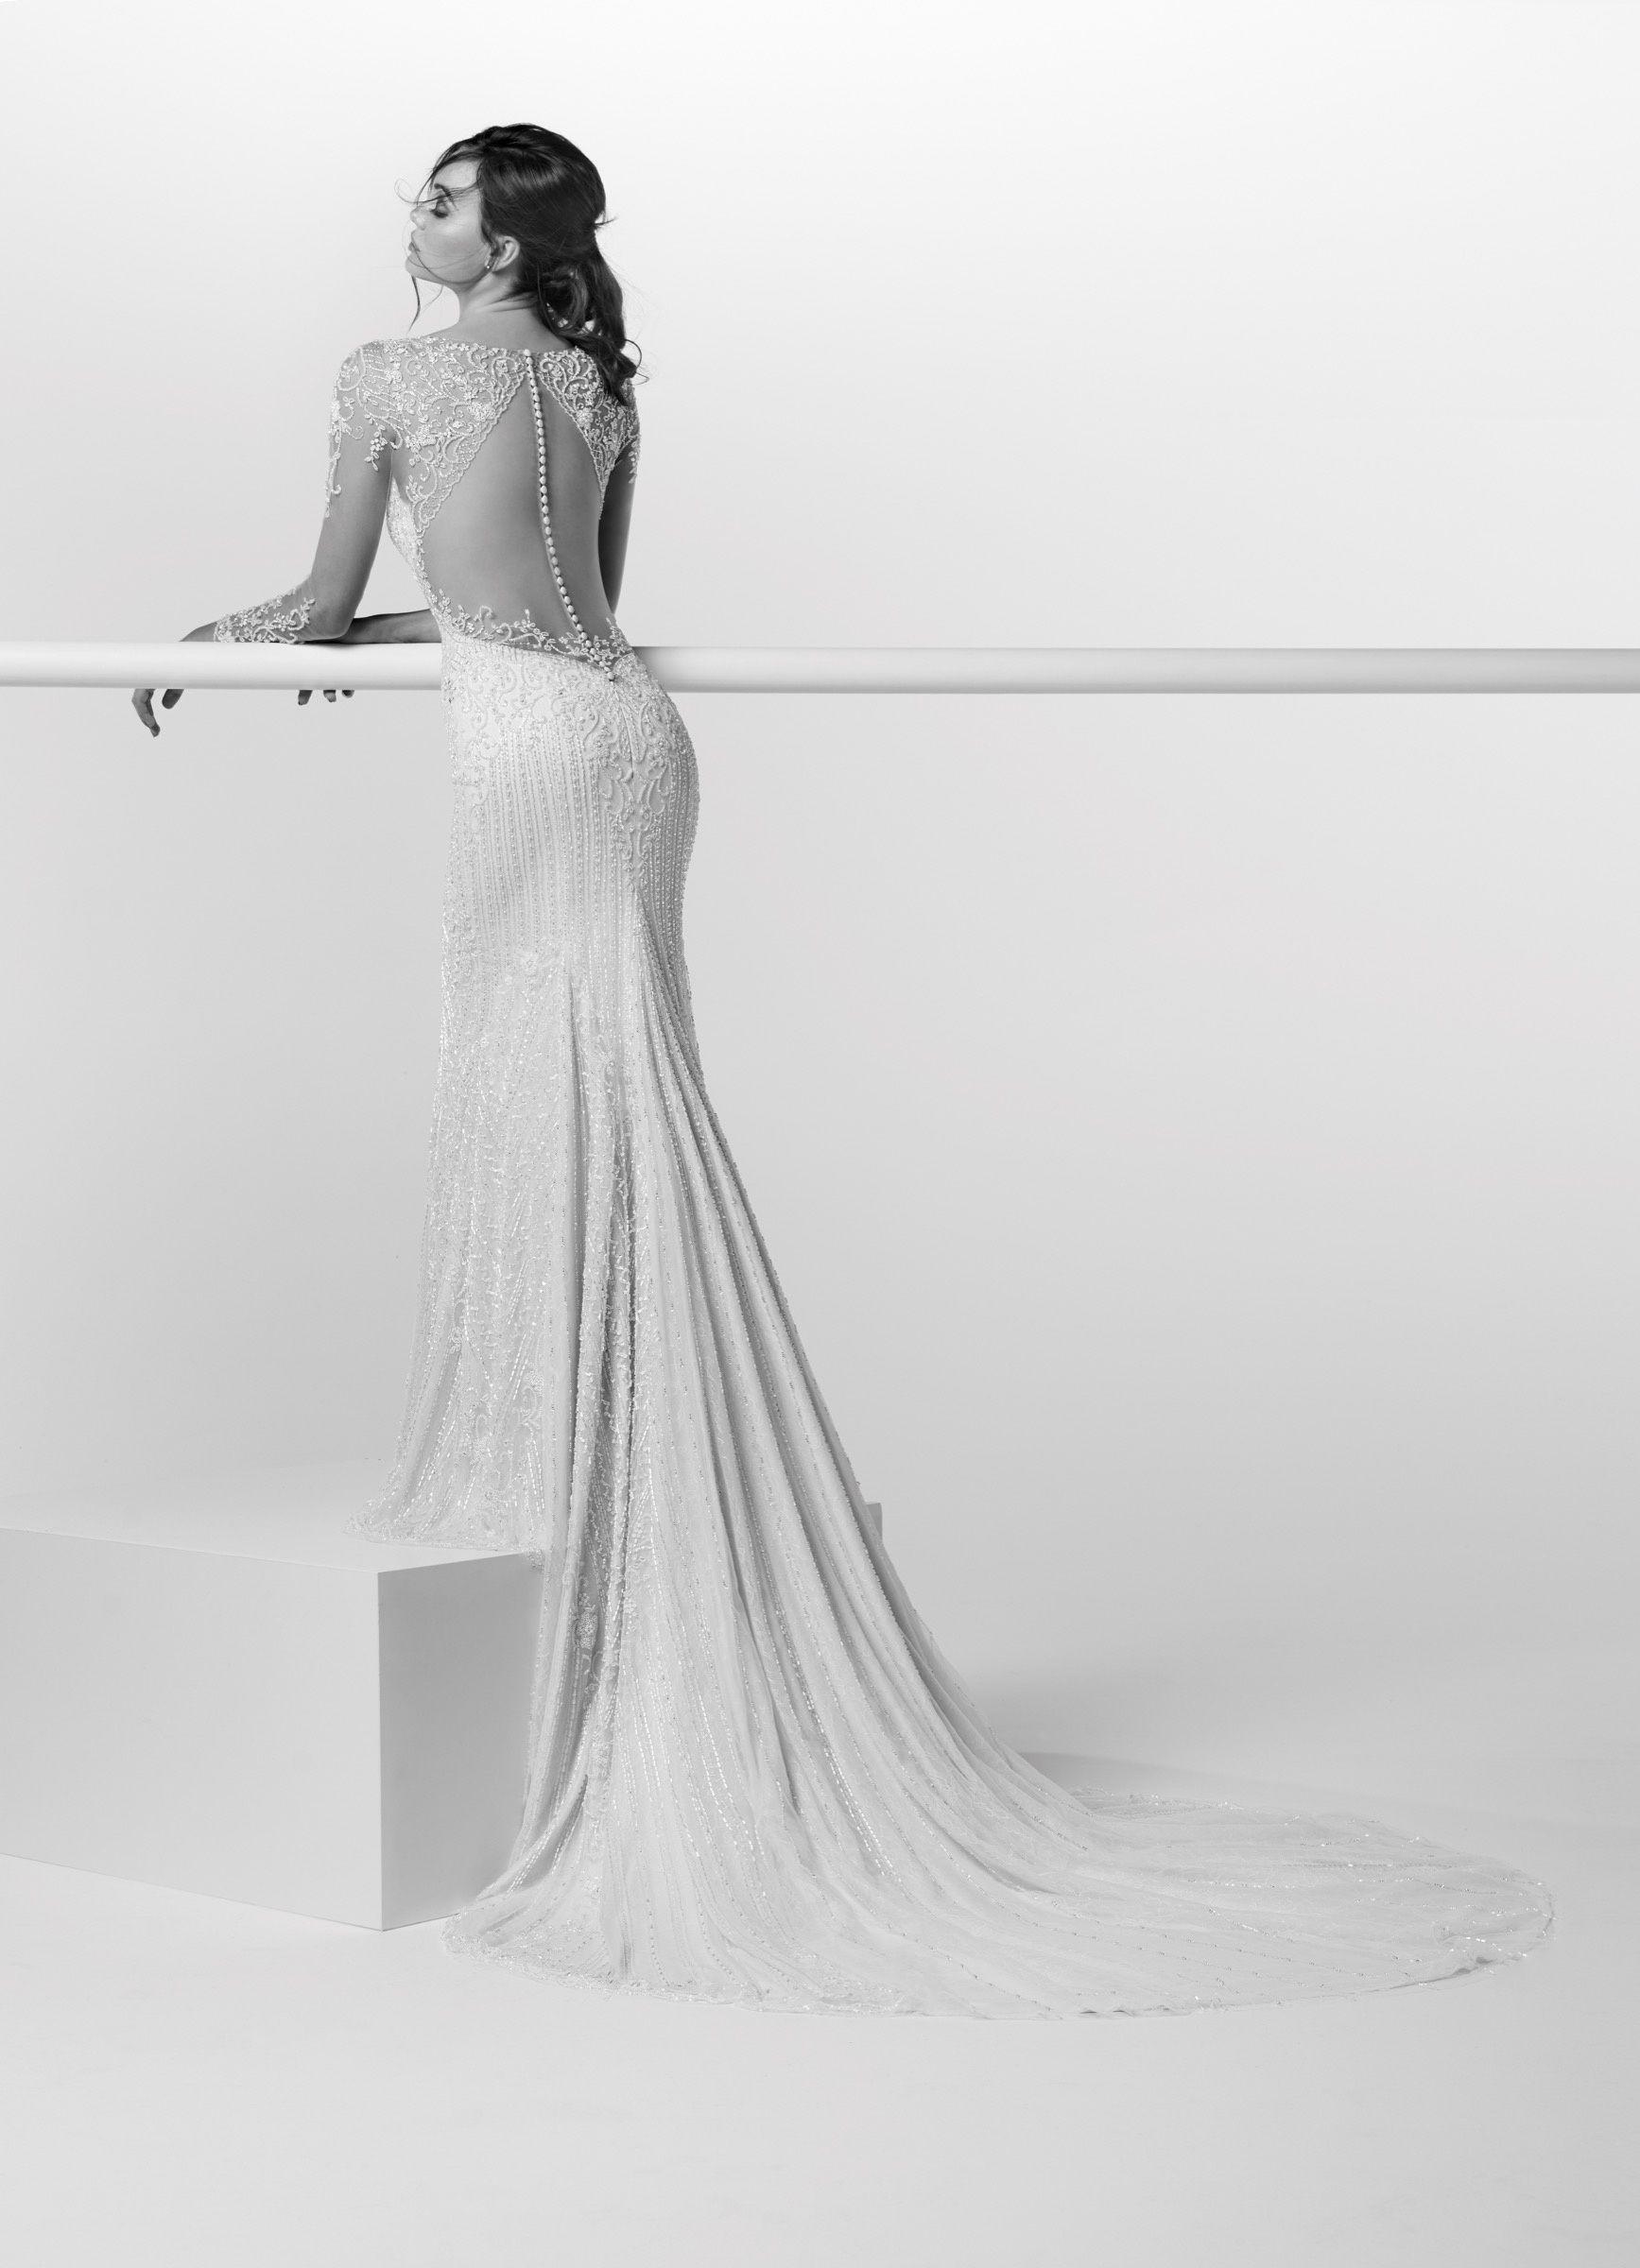 Moda sposa 2019 - Collezione ALESSANDRARINAUDO. ADELAIDE 002ARAB19601. Abito  da sposa Nicole. c9df99d0344